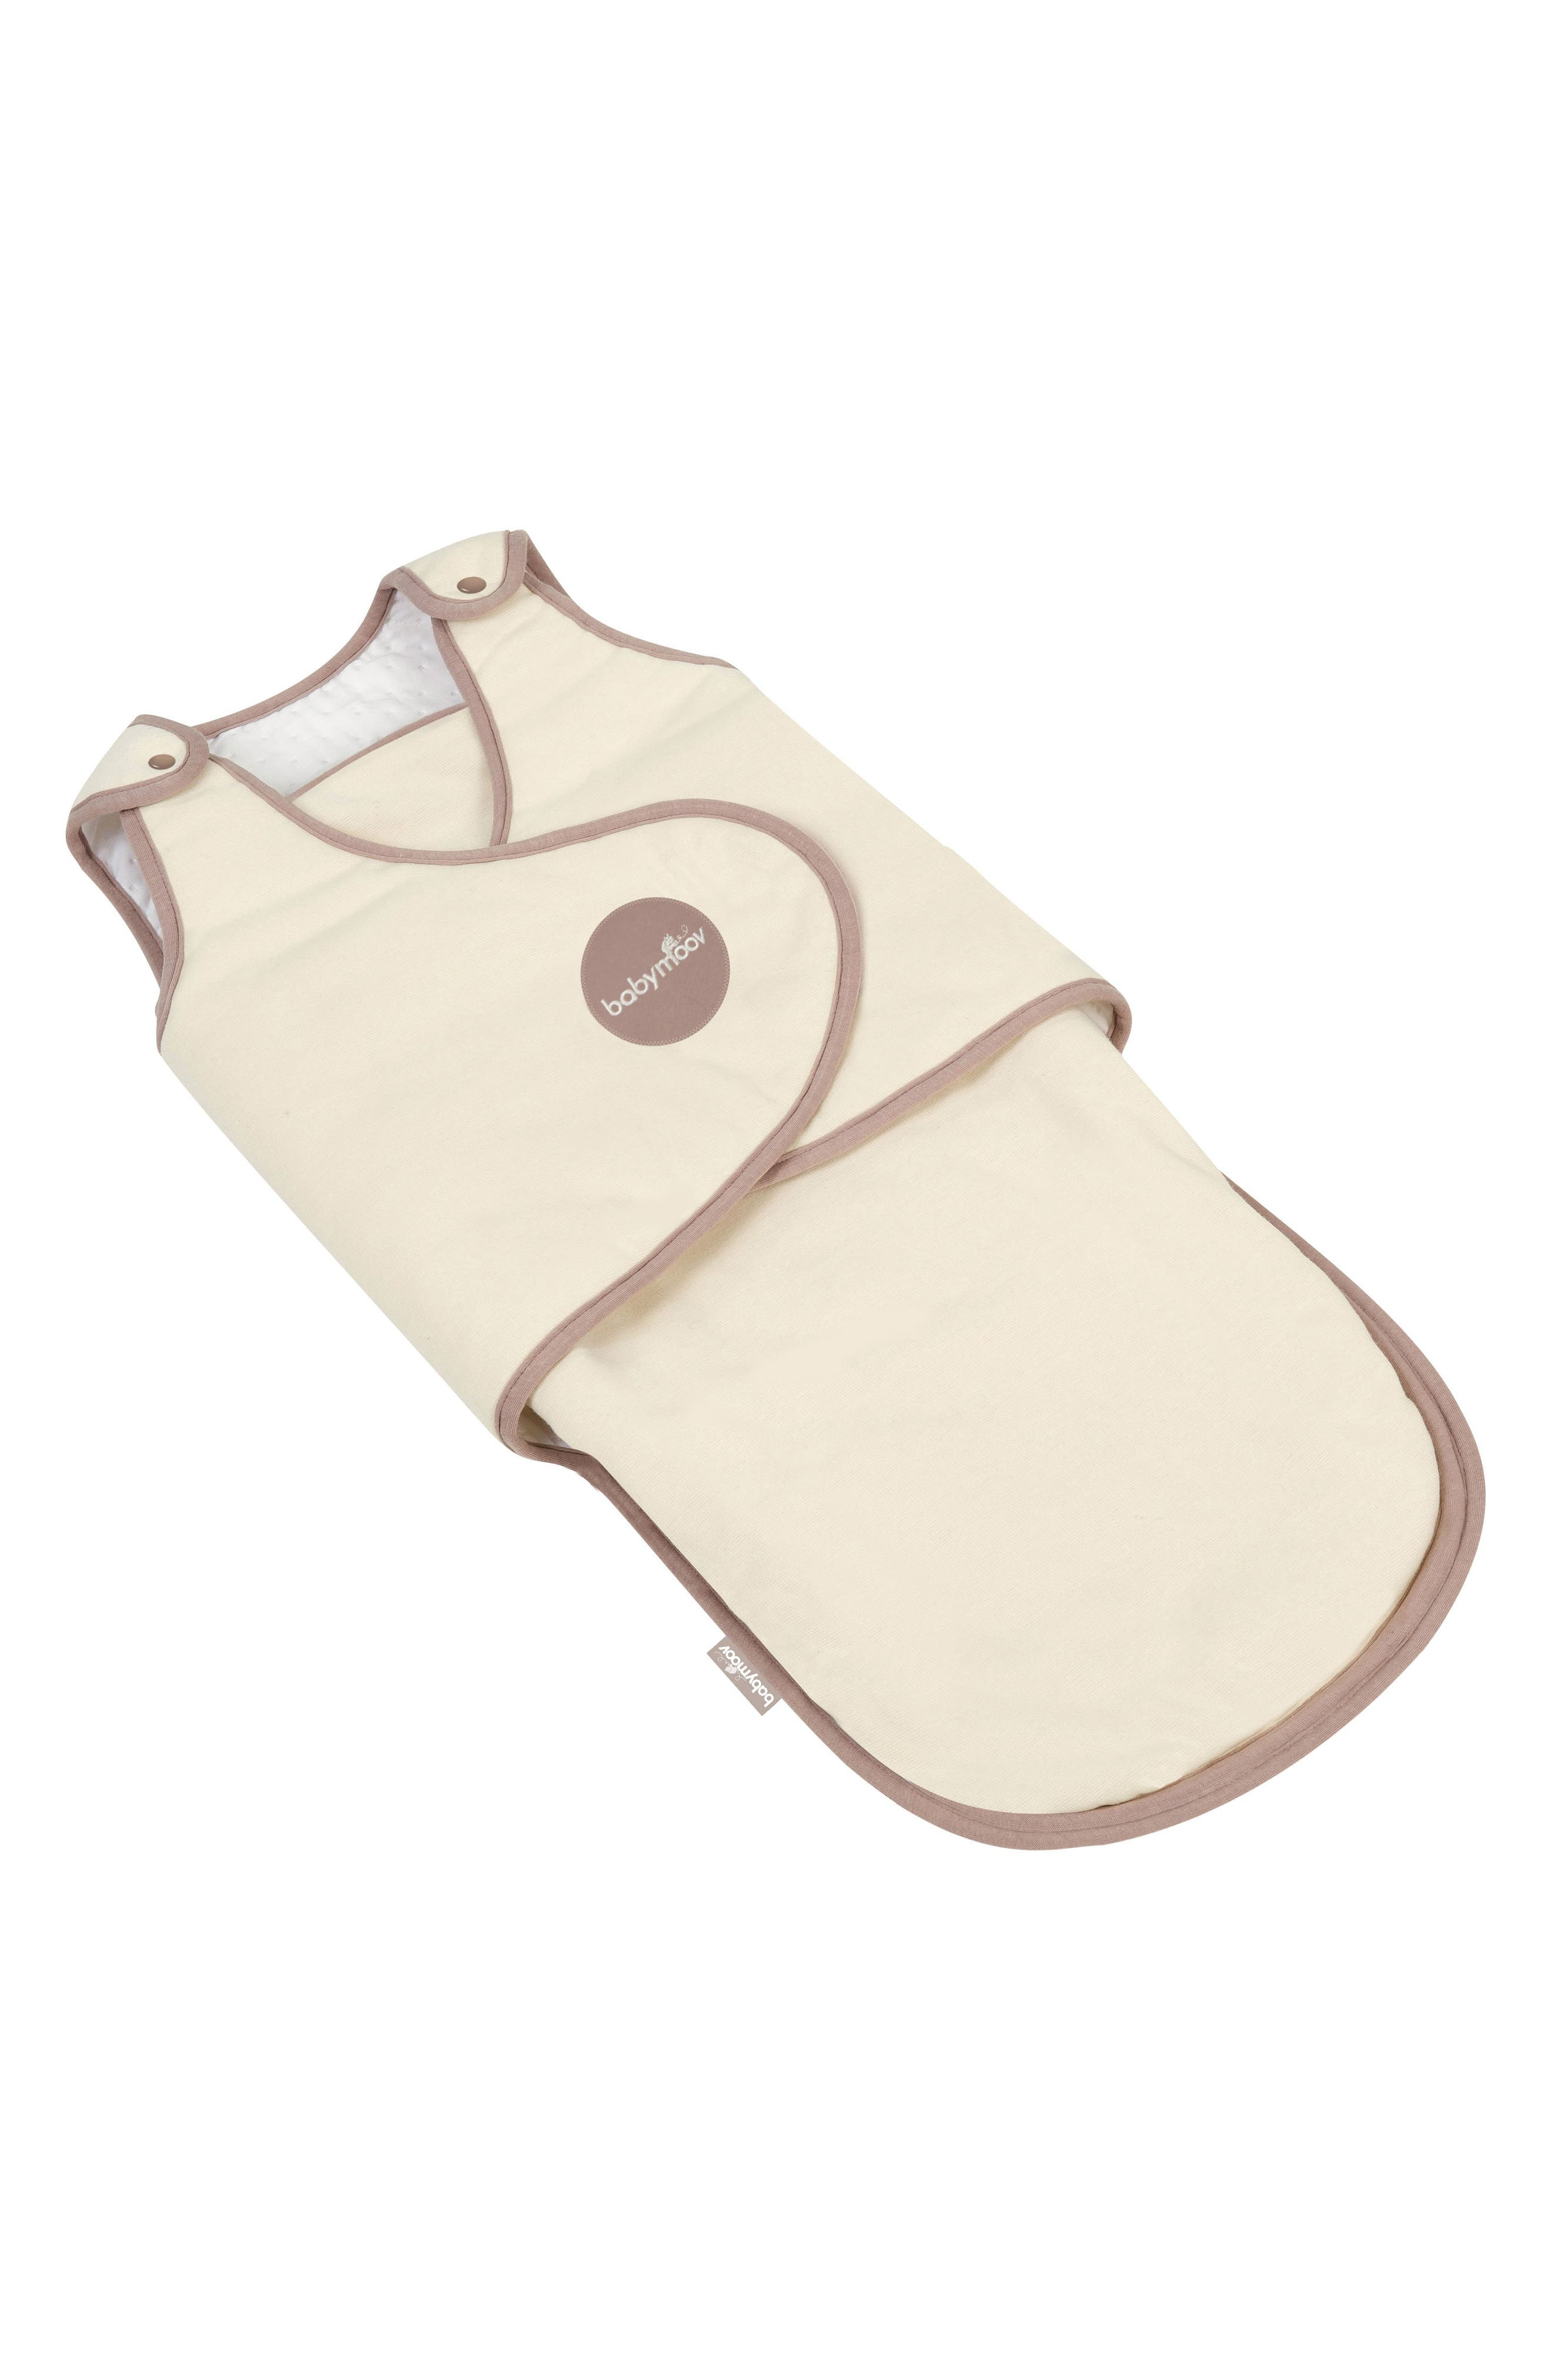 Babymoov CosyBag Swaddle Wrap Blanket